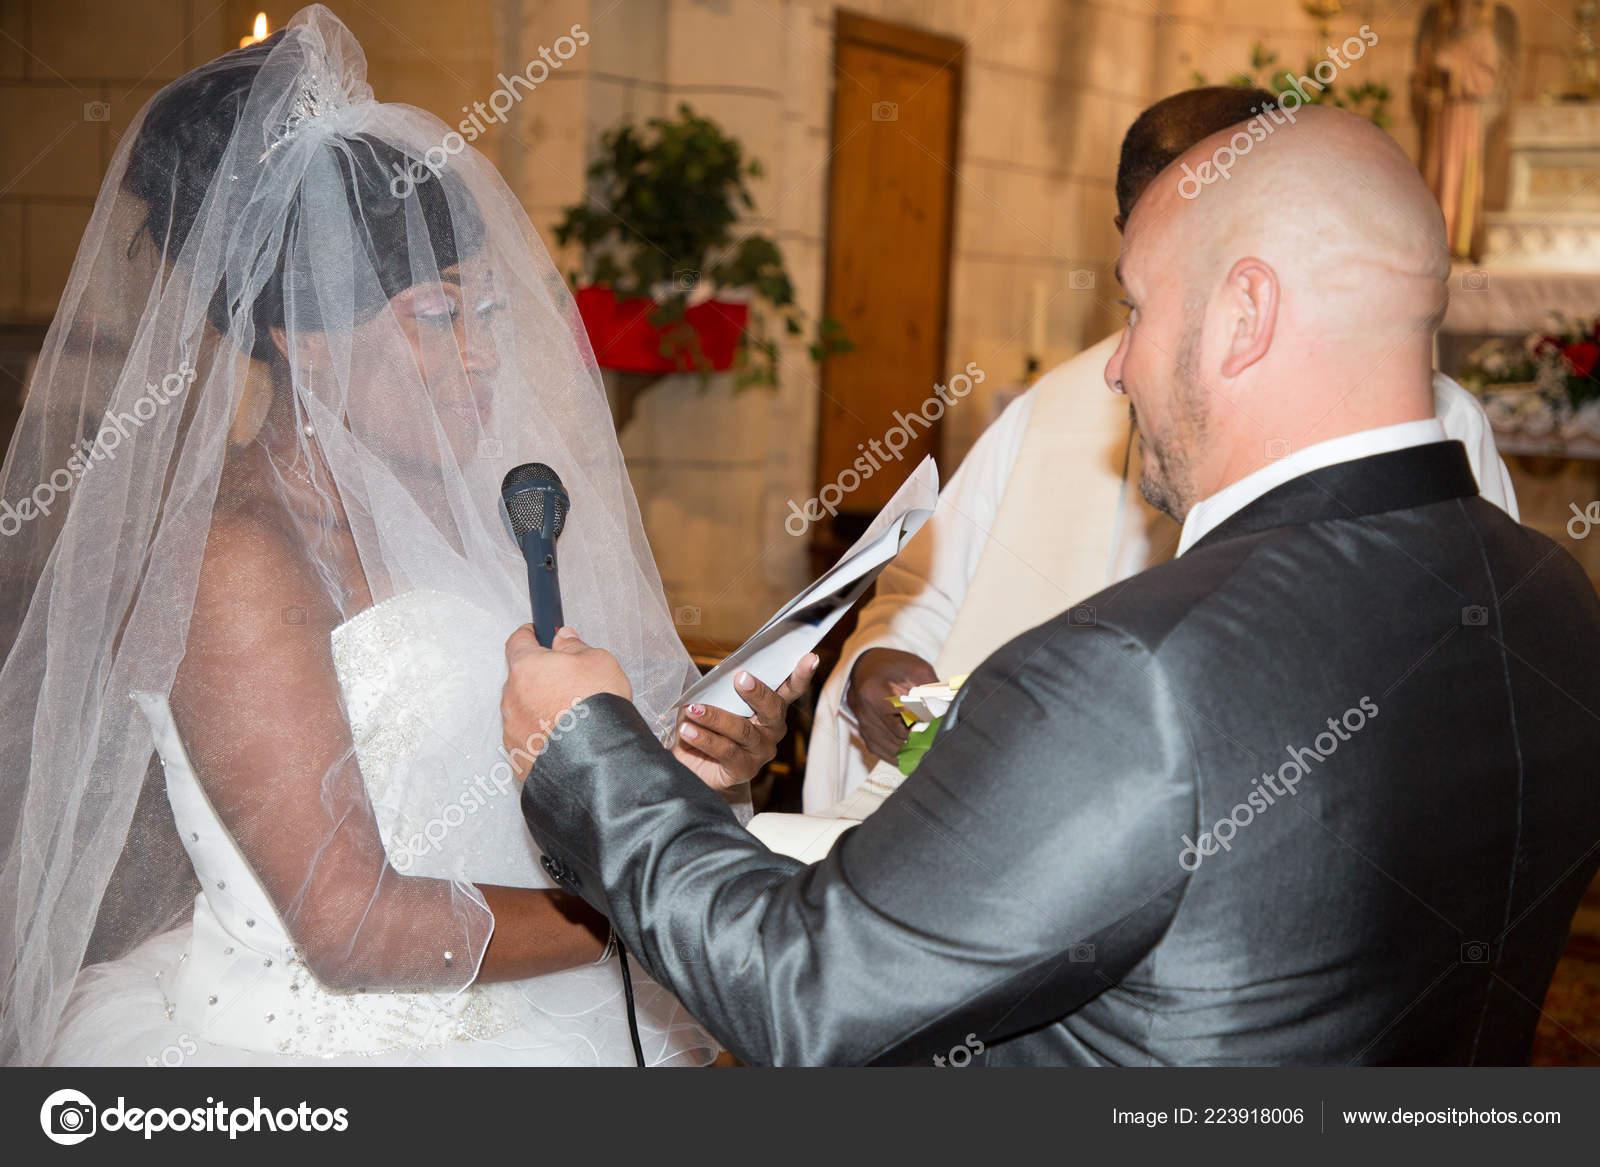 b8ccfe5f60 Kevert esküvői kaukázusi Férfi és fekete nő interracial pár, csere gyűrűk,  egyházi szertartás, és azt mondják: igen — Fotó szerzőtől ...